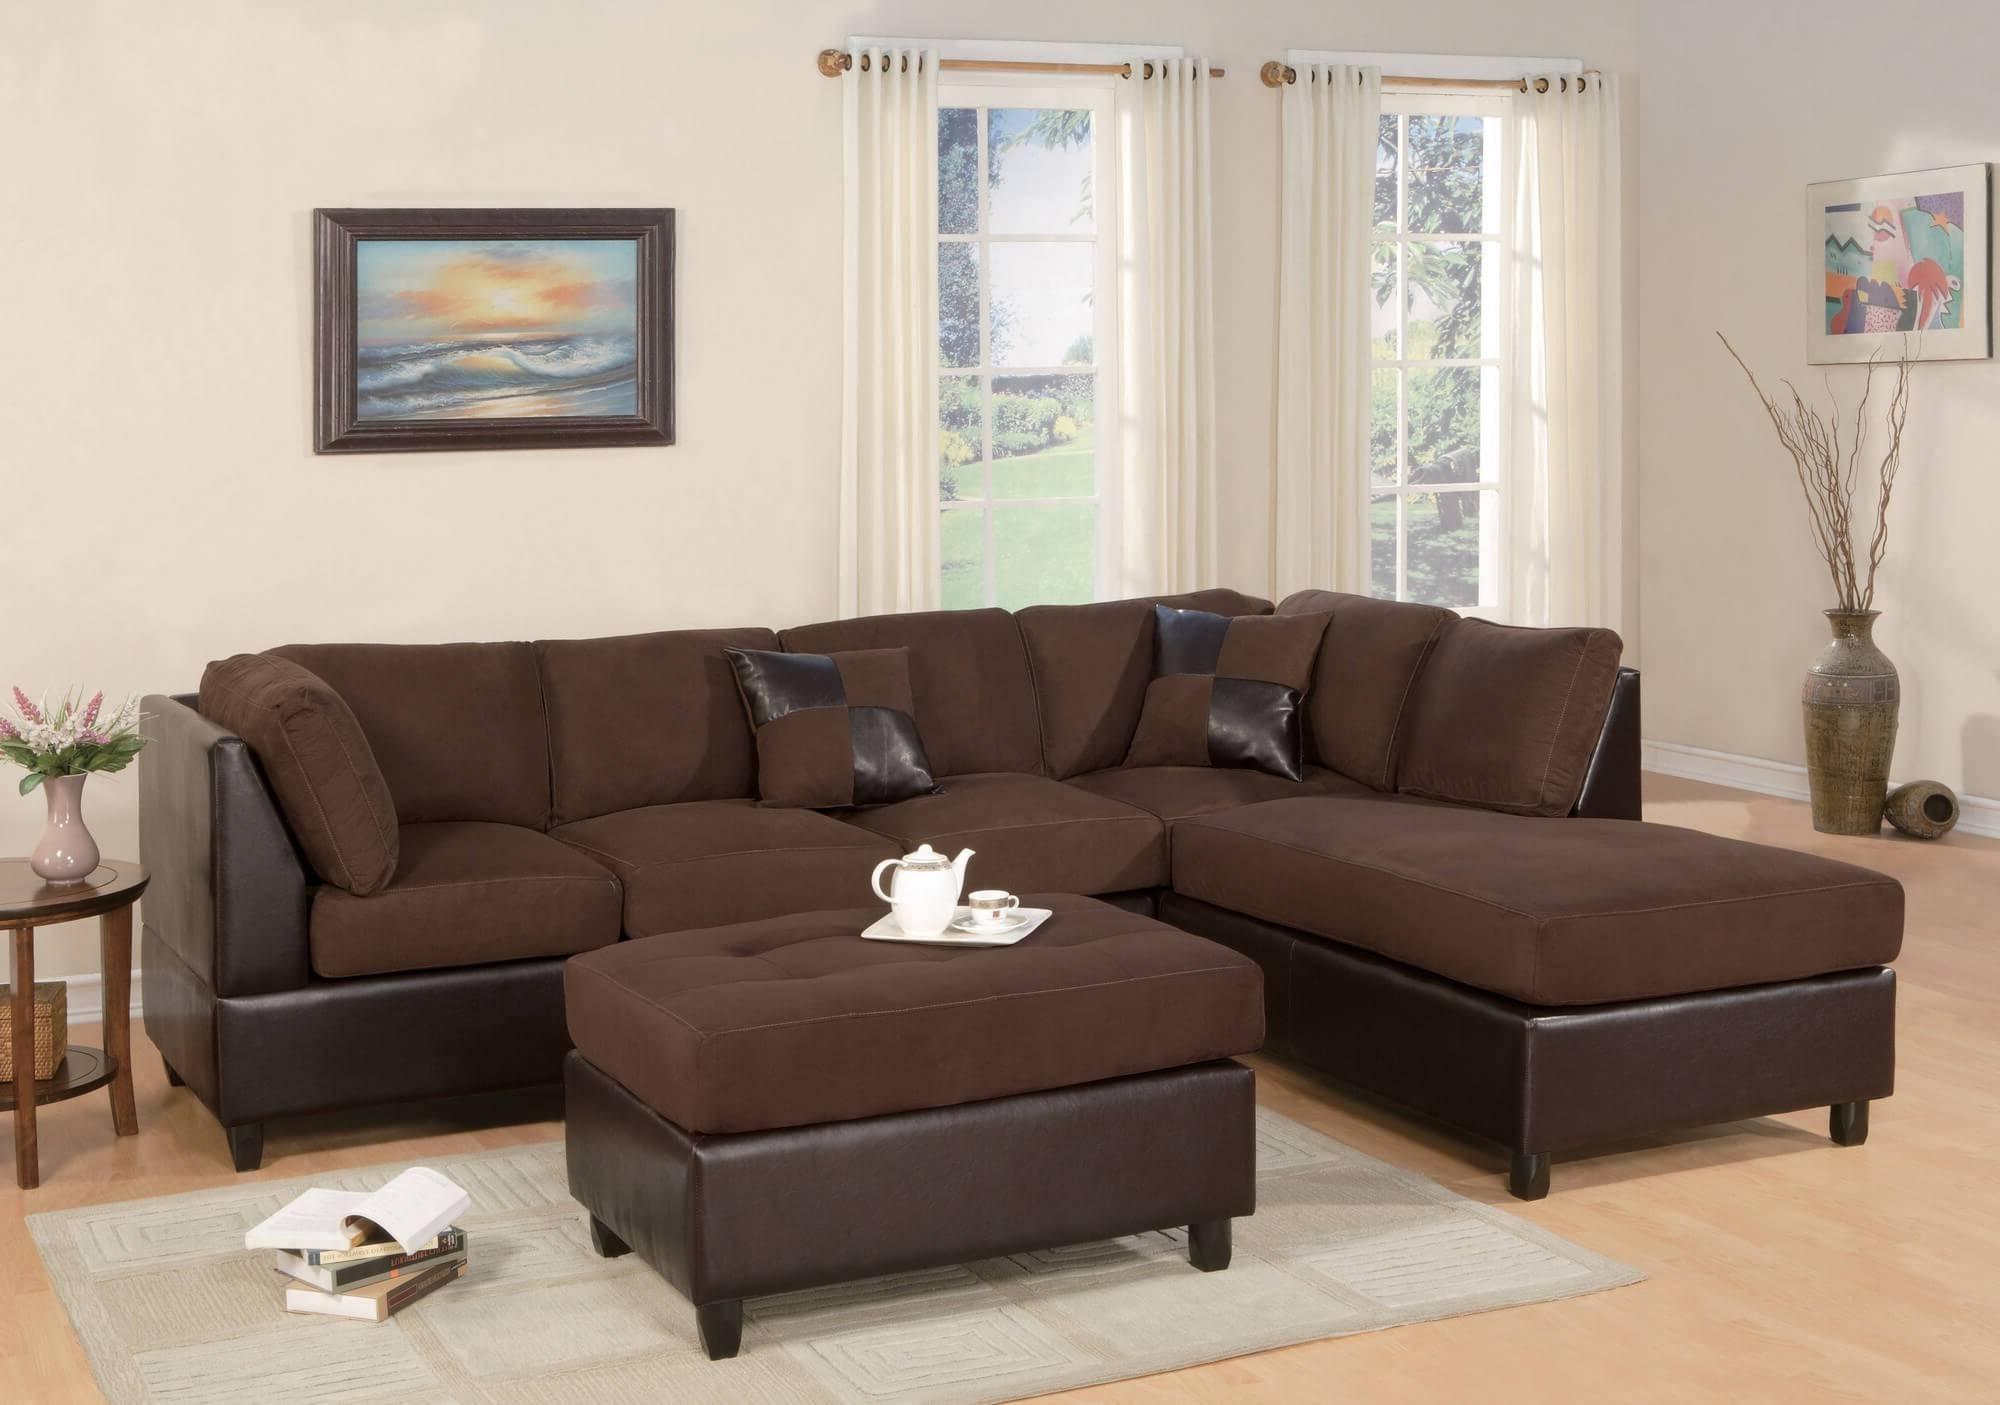 Preferred Furniture : Best Sofas Under 1000 Best Sofas Under 1000' Best Within Sectional Sofas Under  (View 7 of 15)